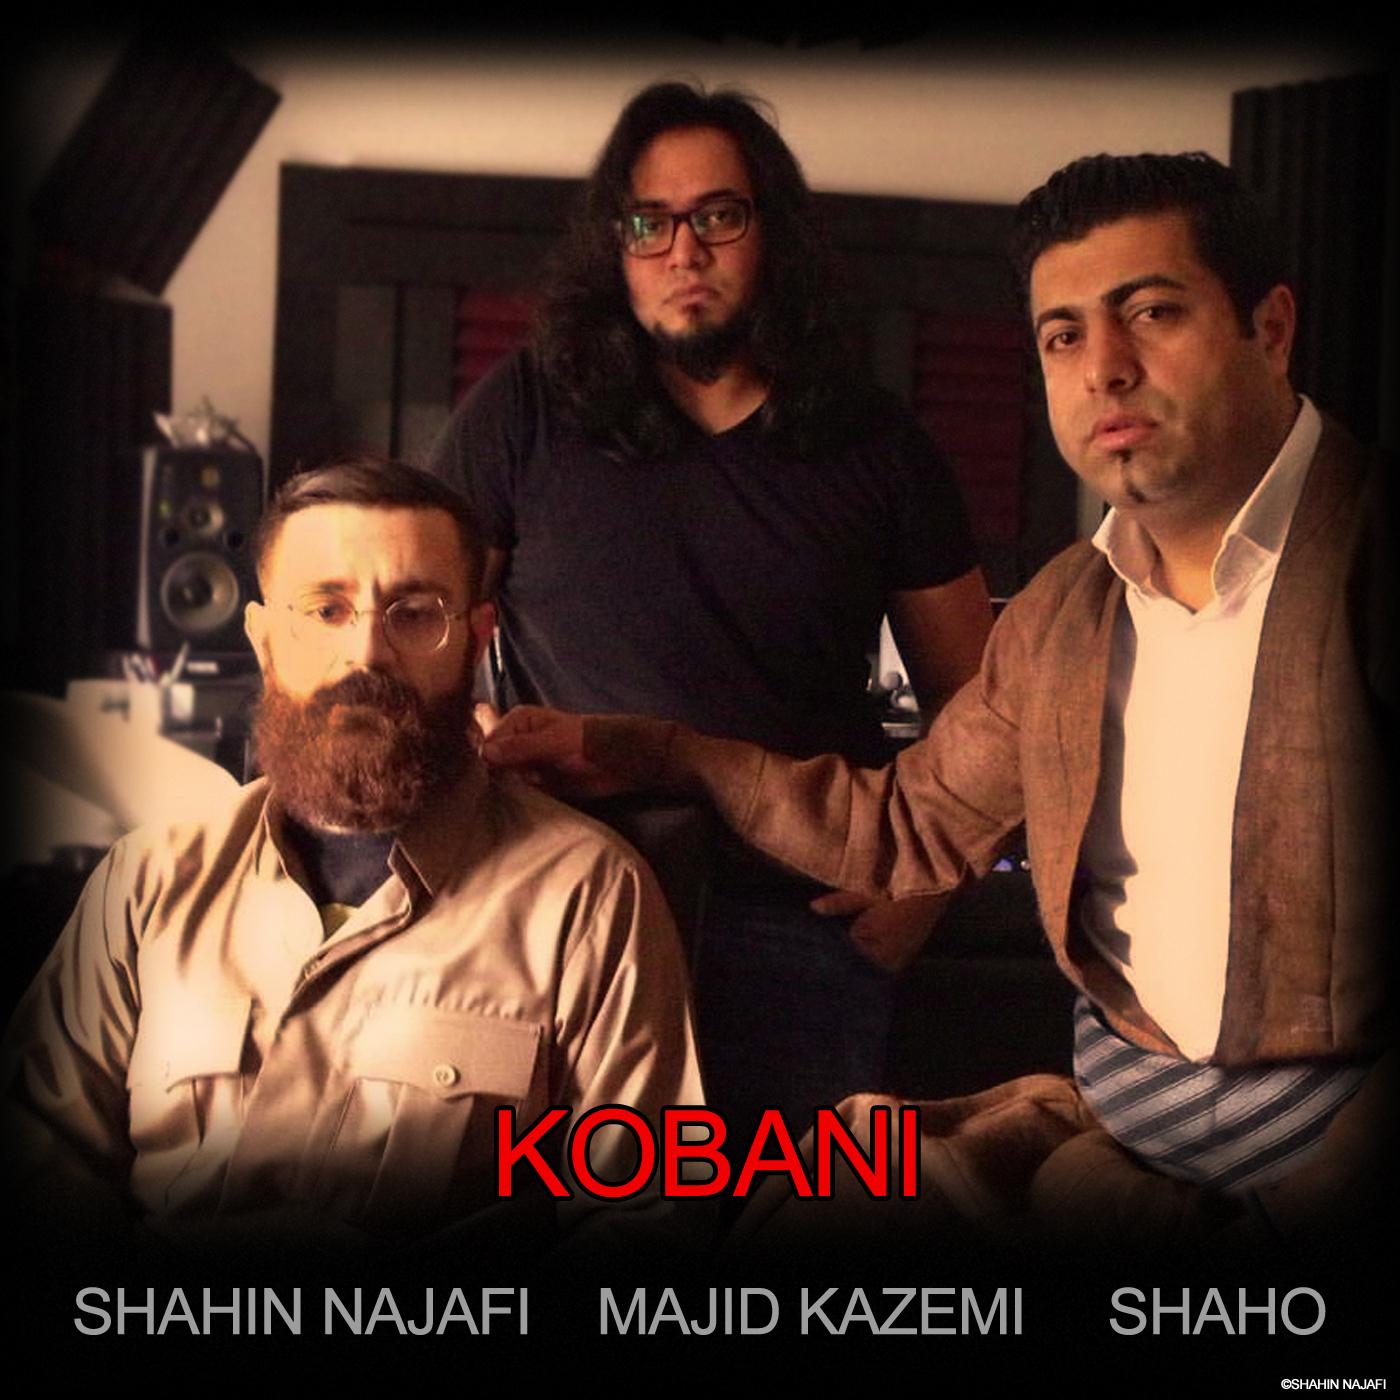 Kobani - Shahin Najafi